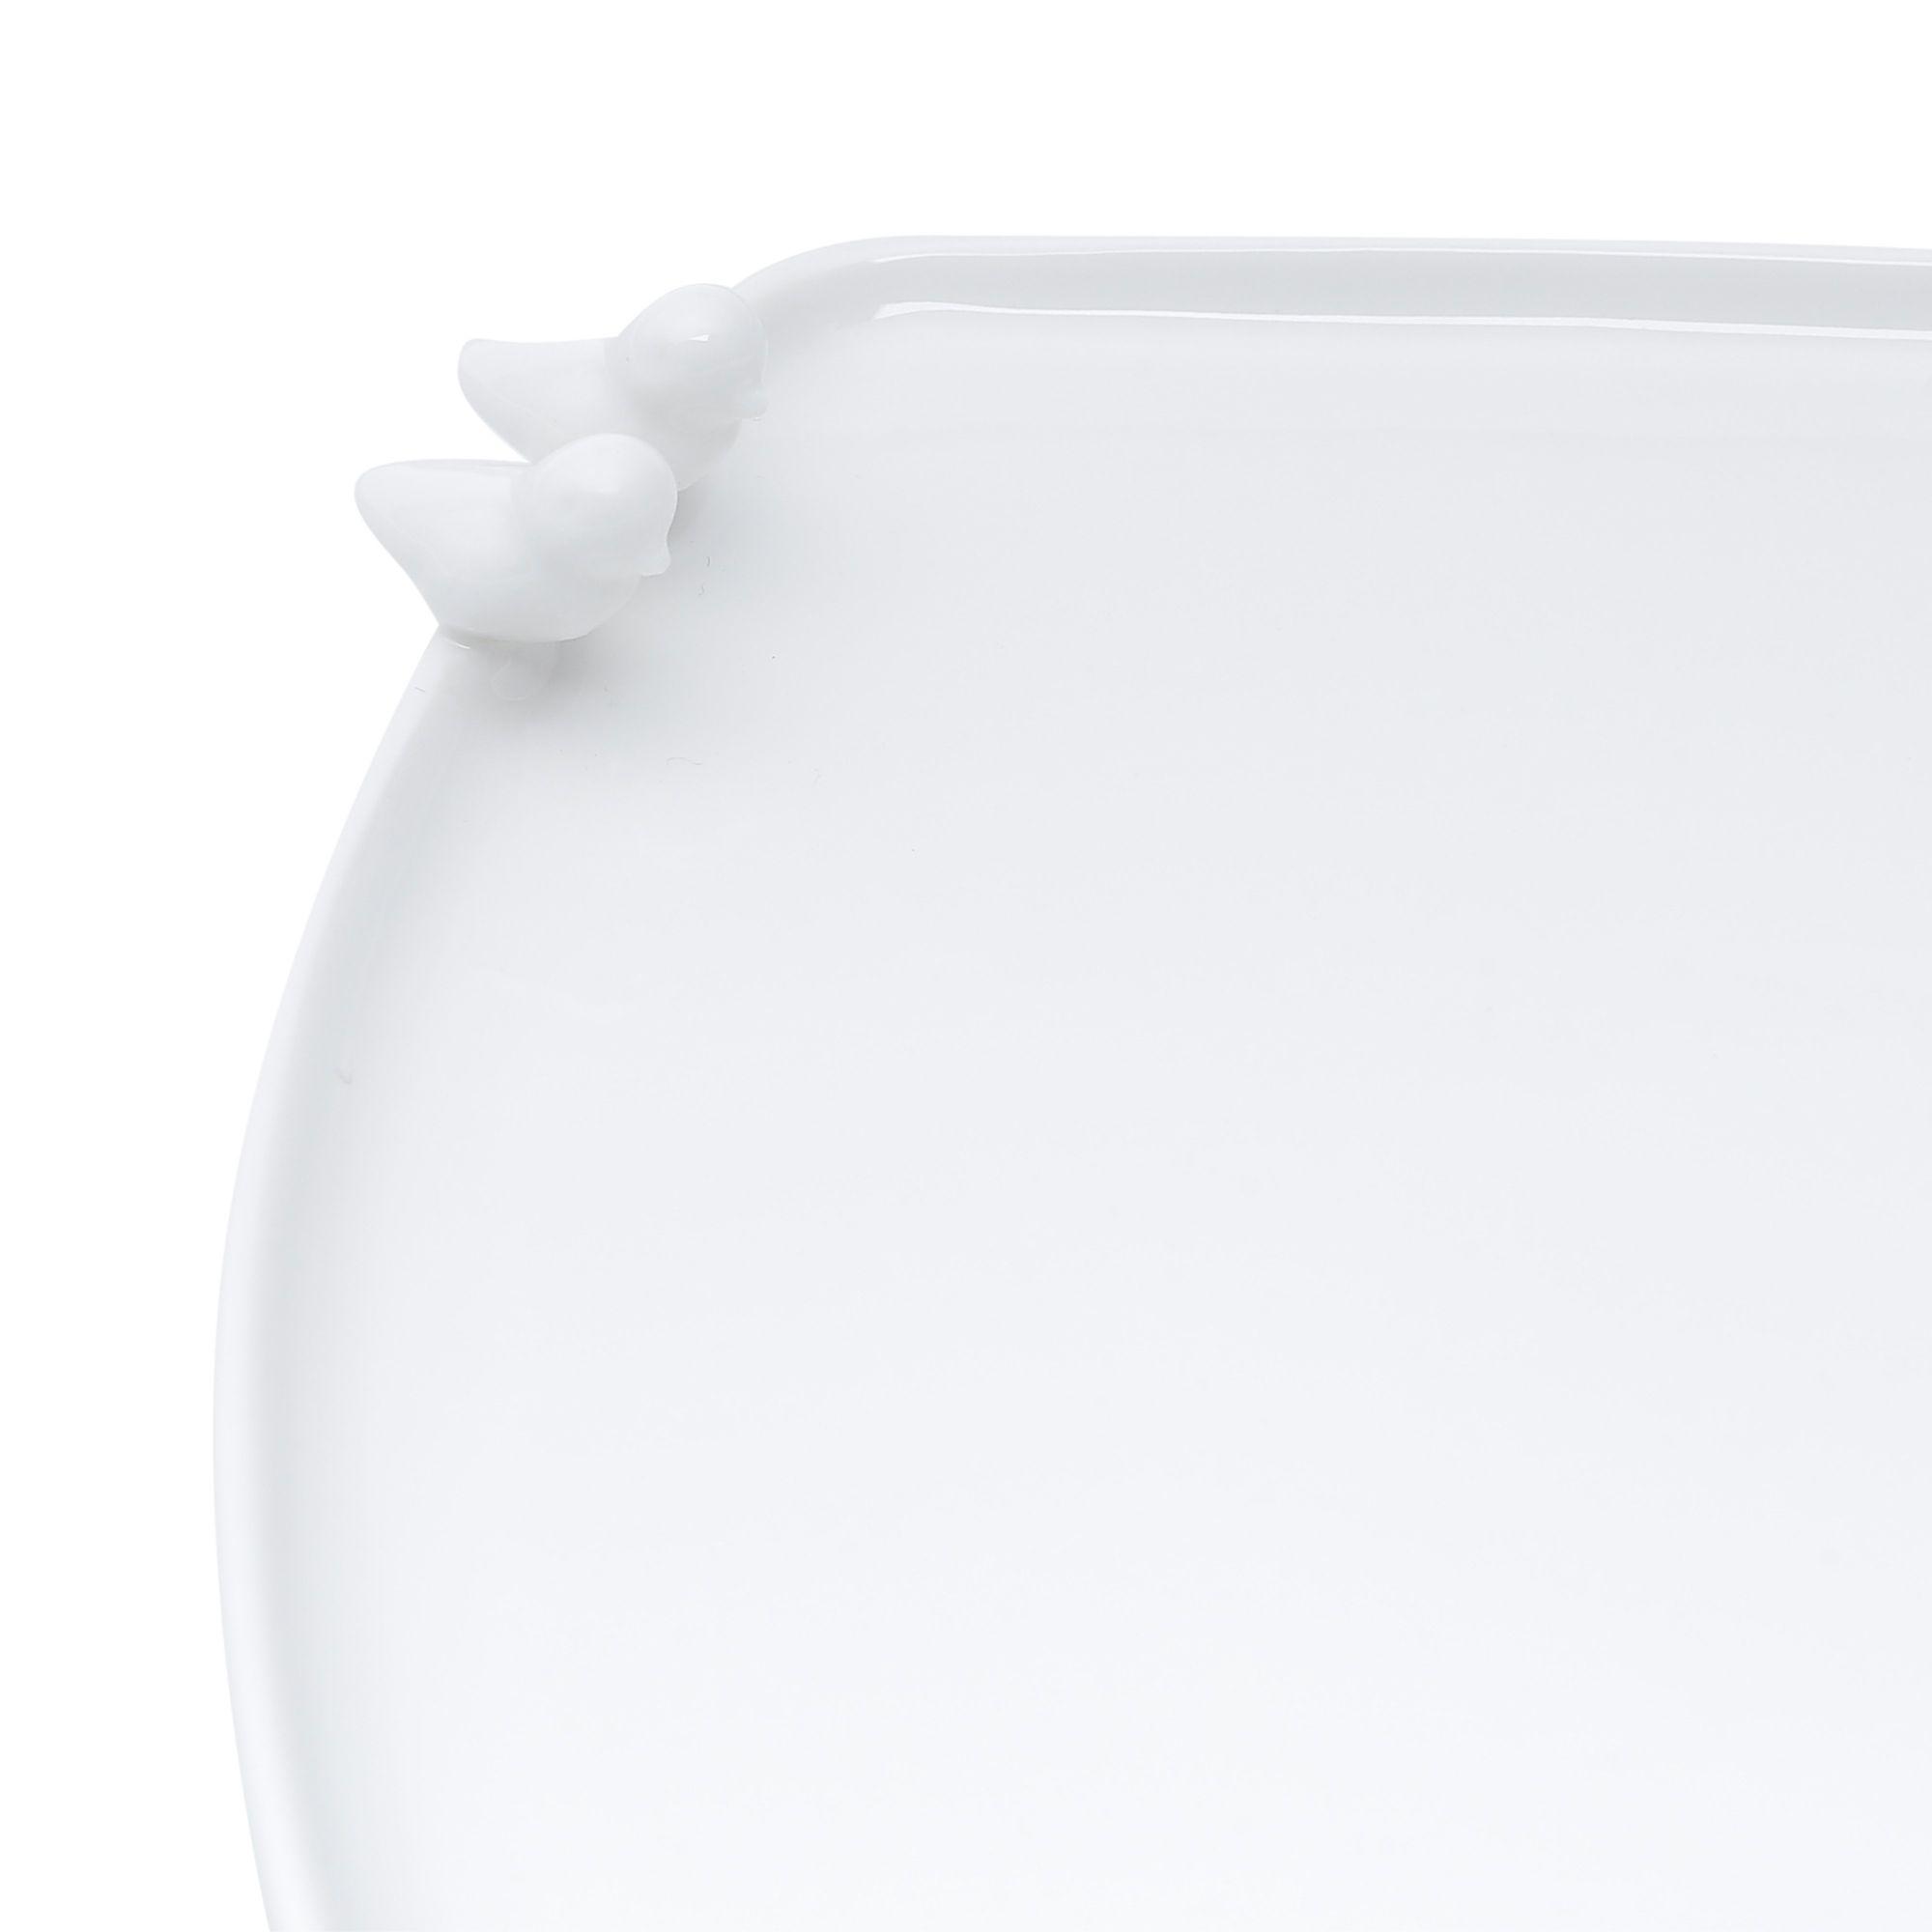 Prato 19 x 18 cm para pão de porcelana branca Birds Wolff - 17235